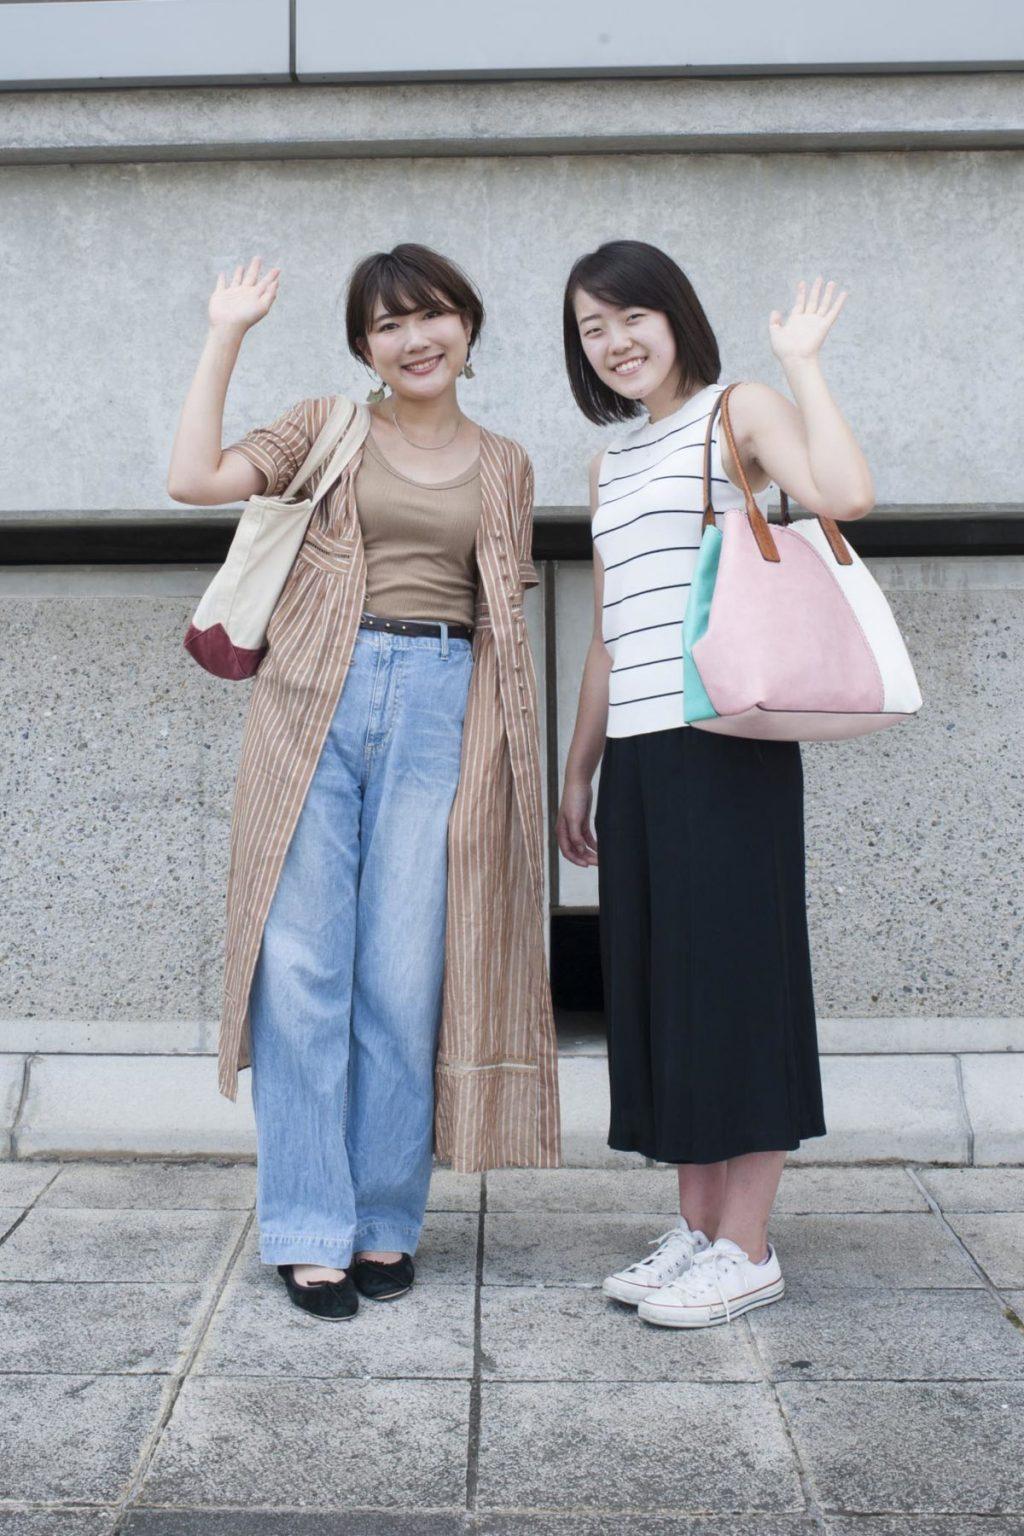 ハナコラボディレクターの川久保さん(左)とメンバ ーの類家(右)さん。ともにサッカー観戦ははじめて。